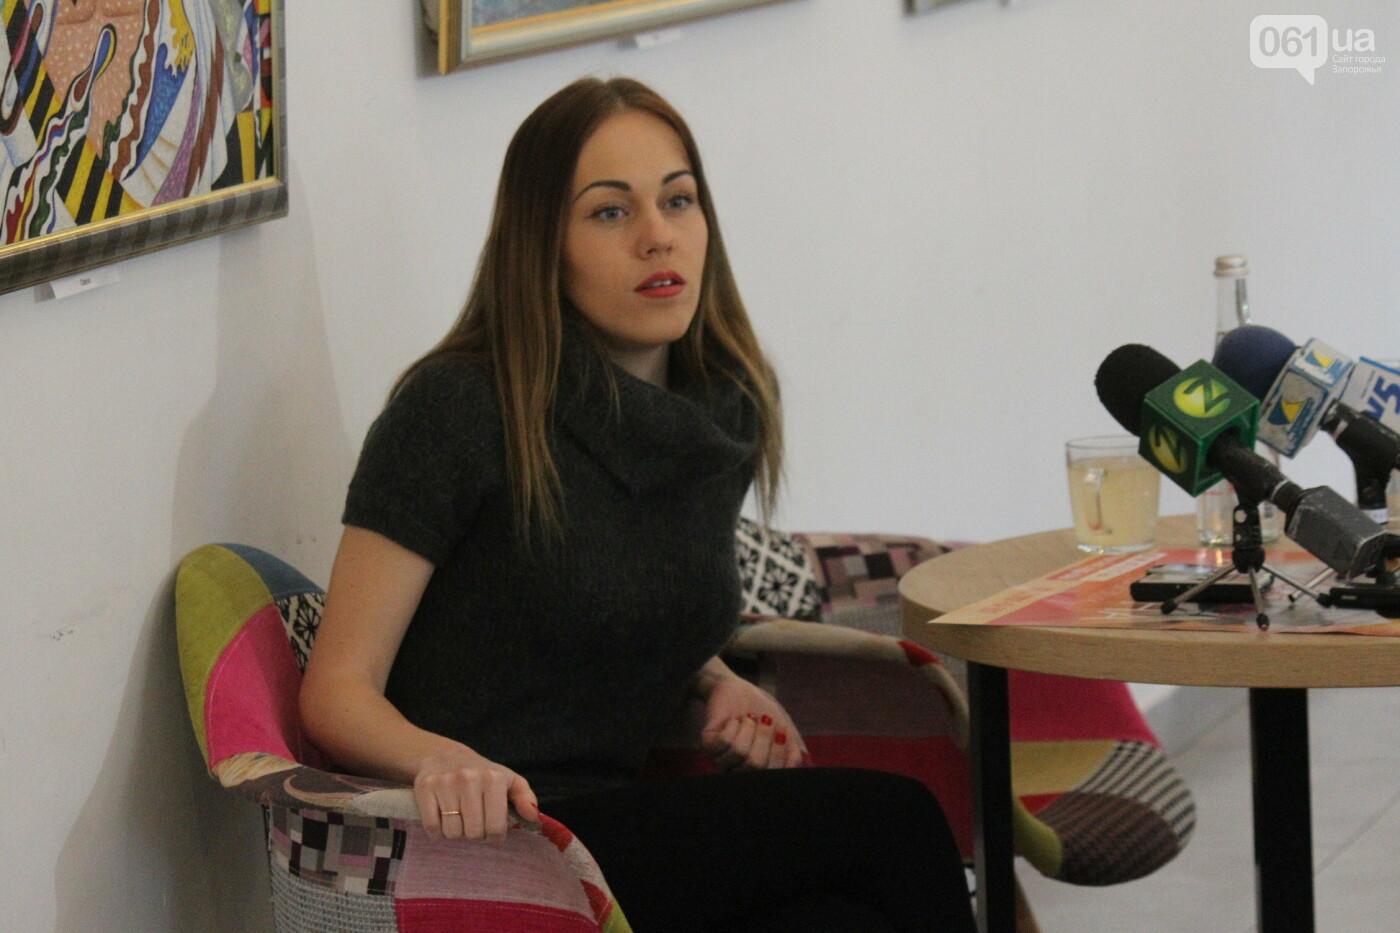 Перед концертом в родном Запорожье певица Alyosha провела автограф-сессию, – ФОТОРЕПОРТАЖ, фото-4